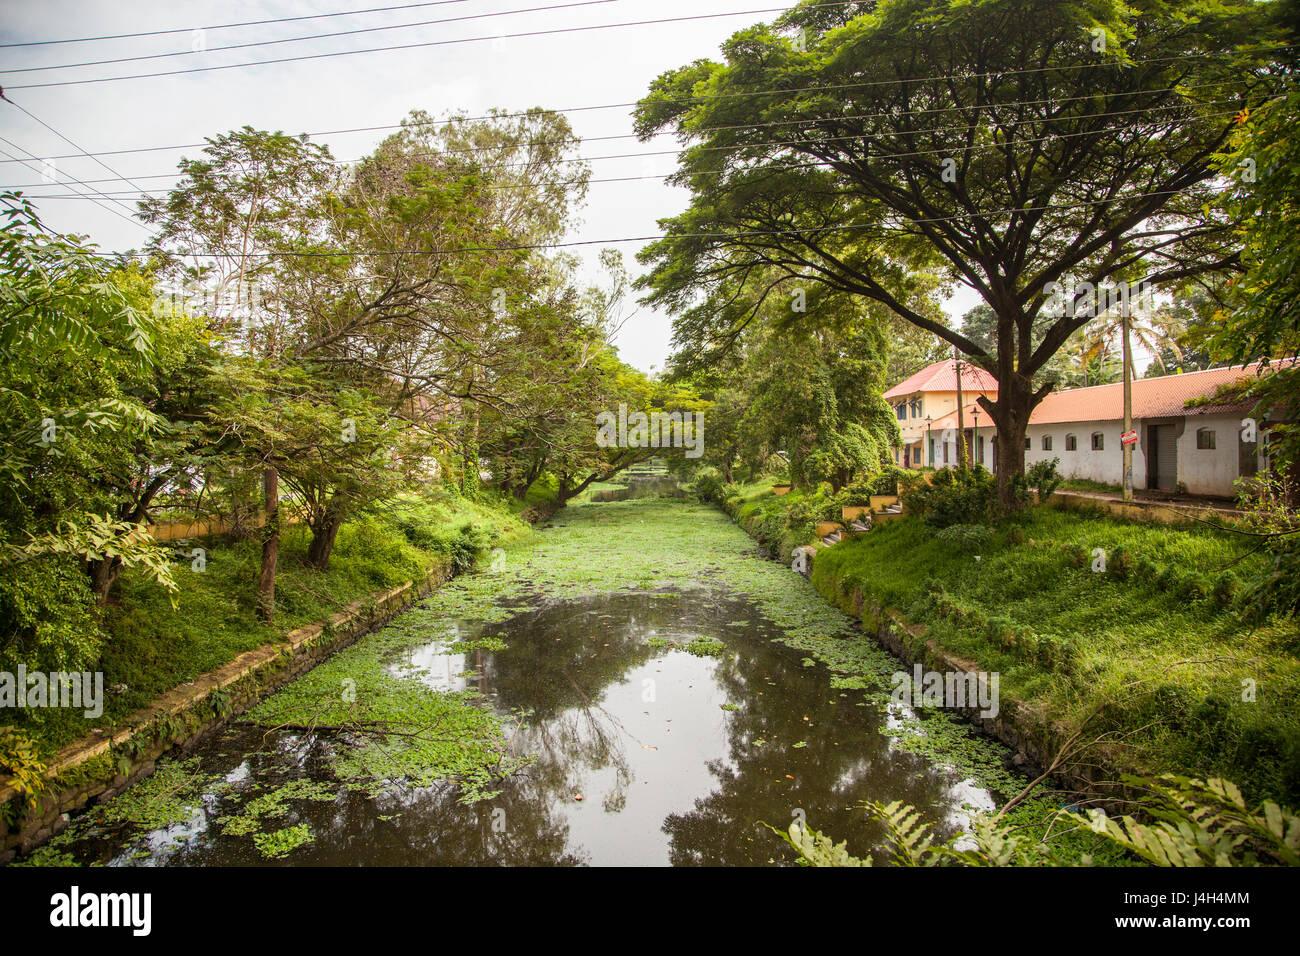 Alleppey conosciuto anche come Alappuzha in Kerala, India è una splendida laguna di acqua stagnante di una Immagini Stock